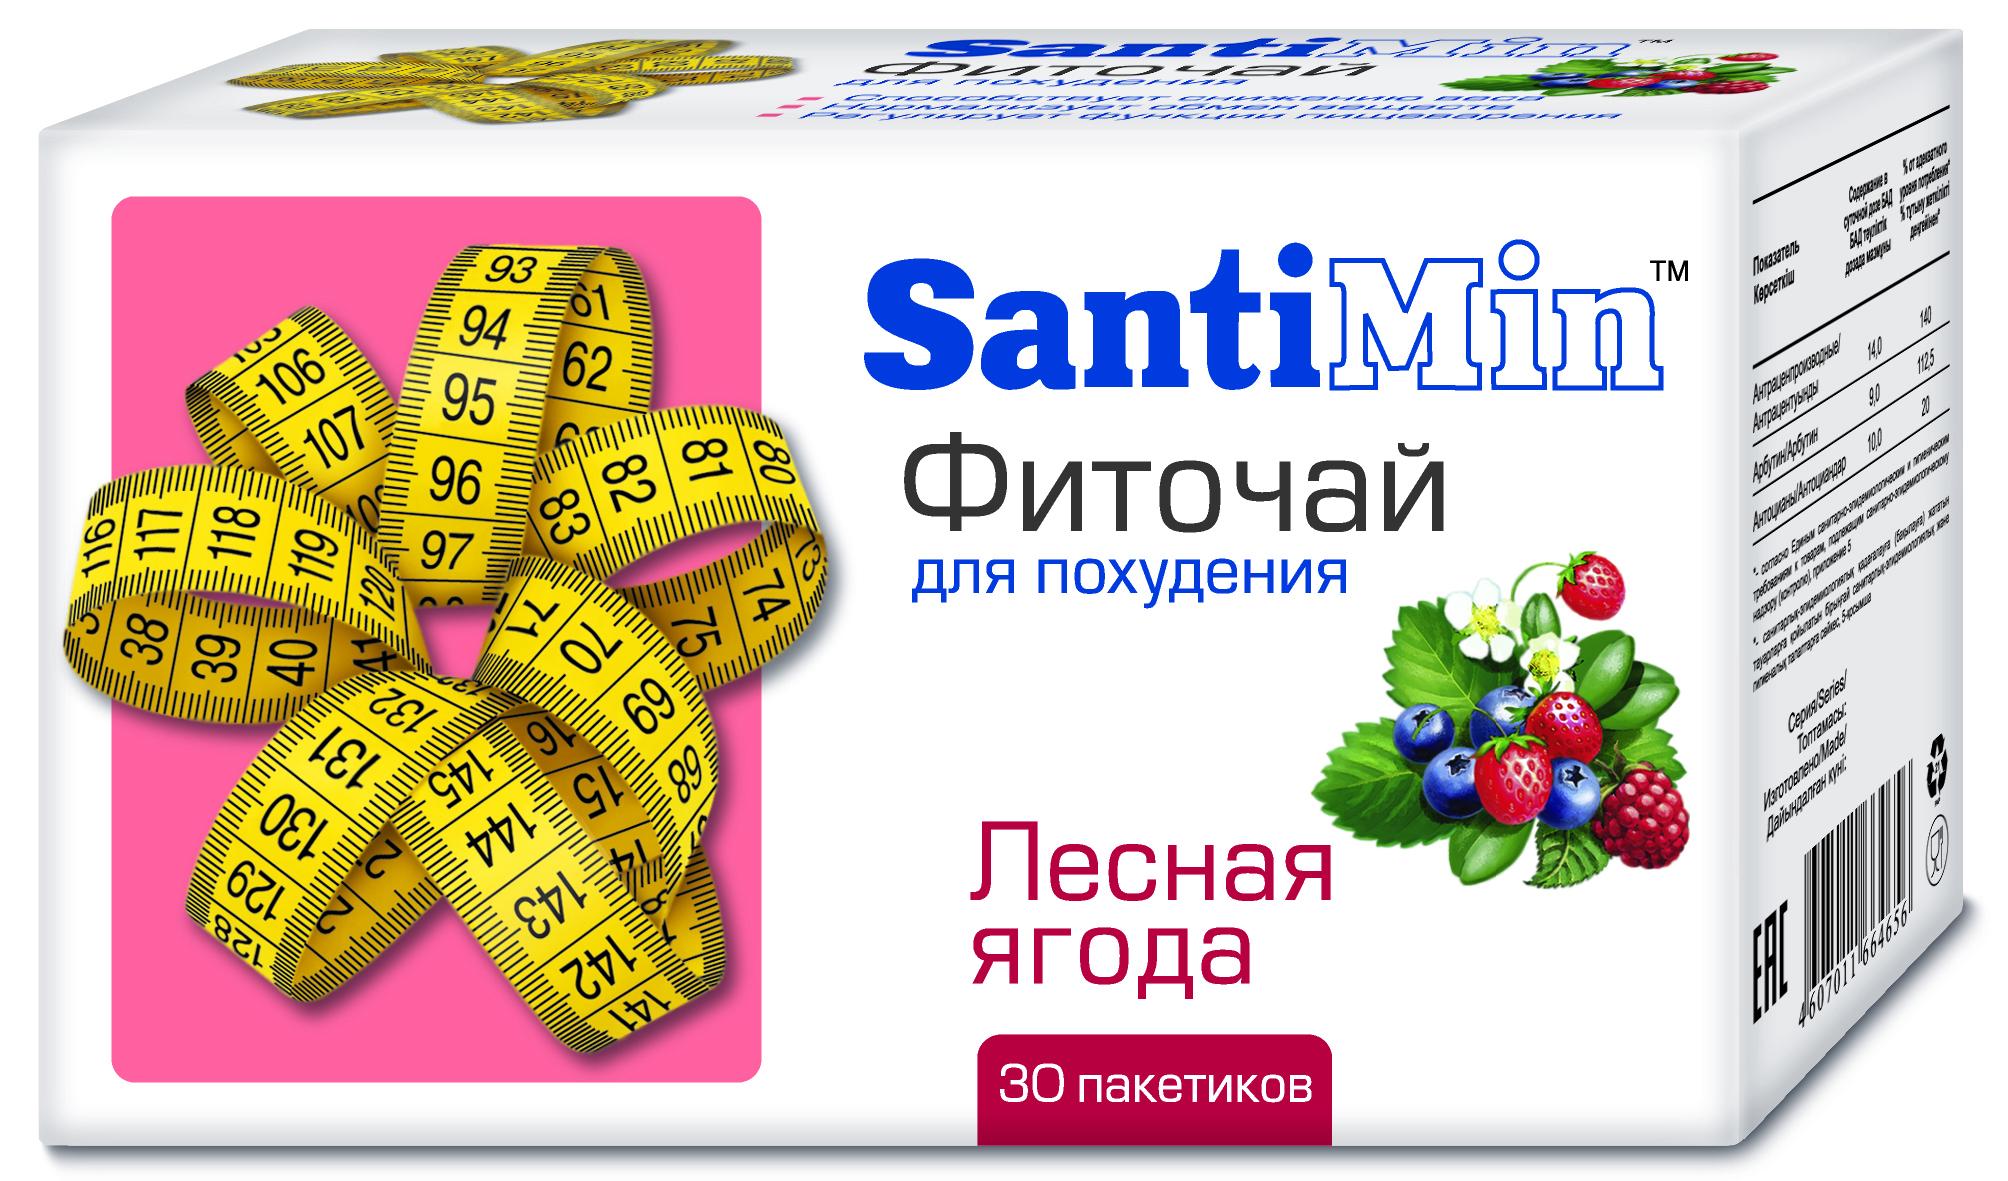 Чай сантимин для похудения